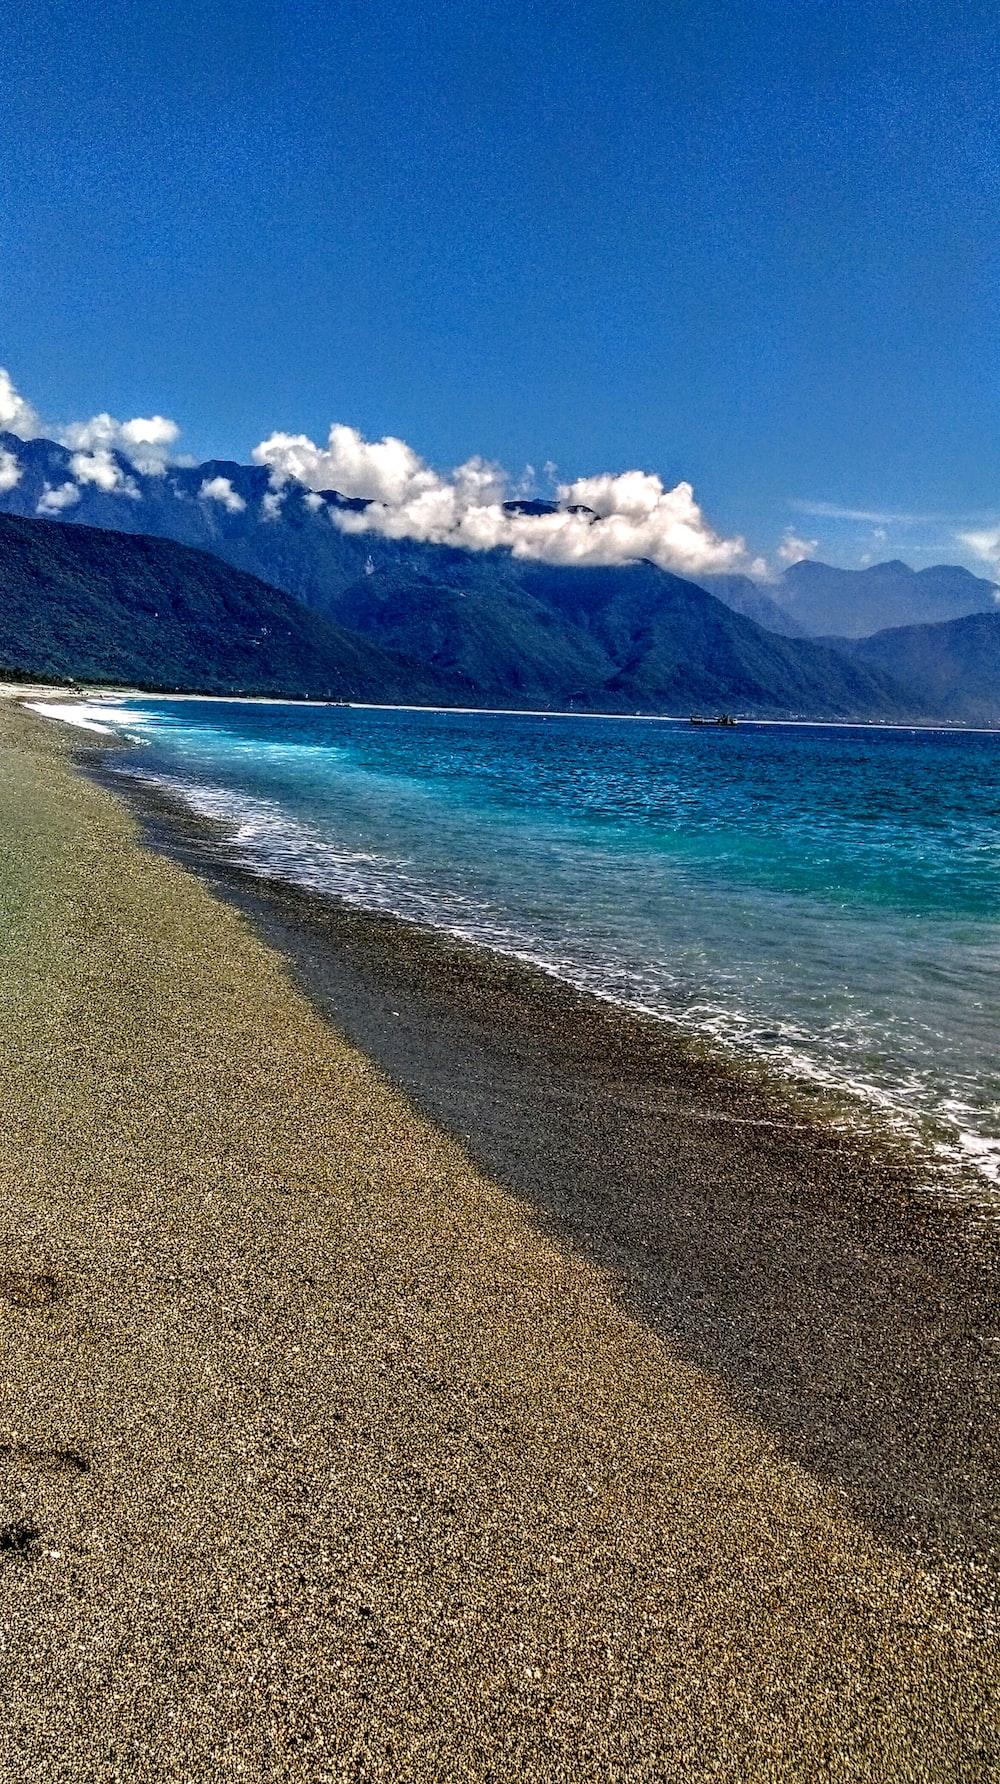 seaside scenery